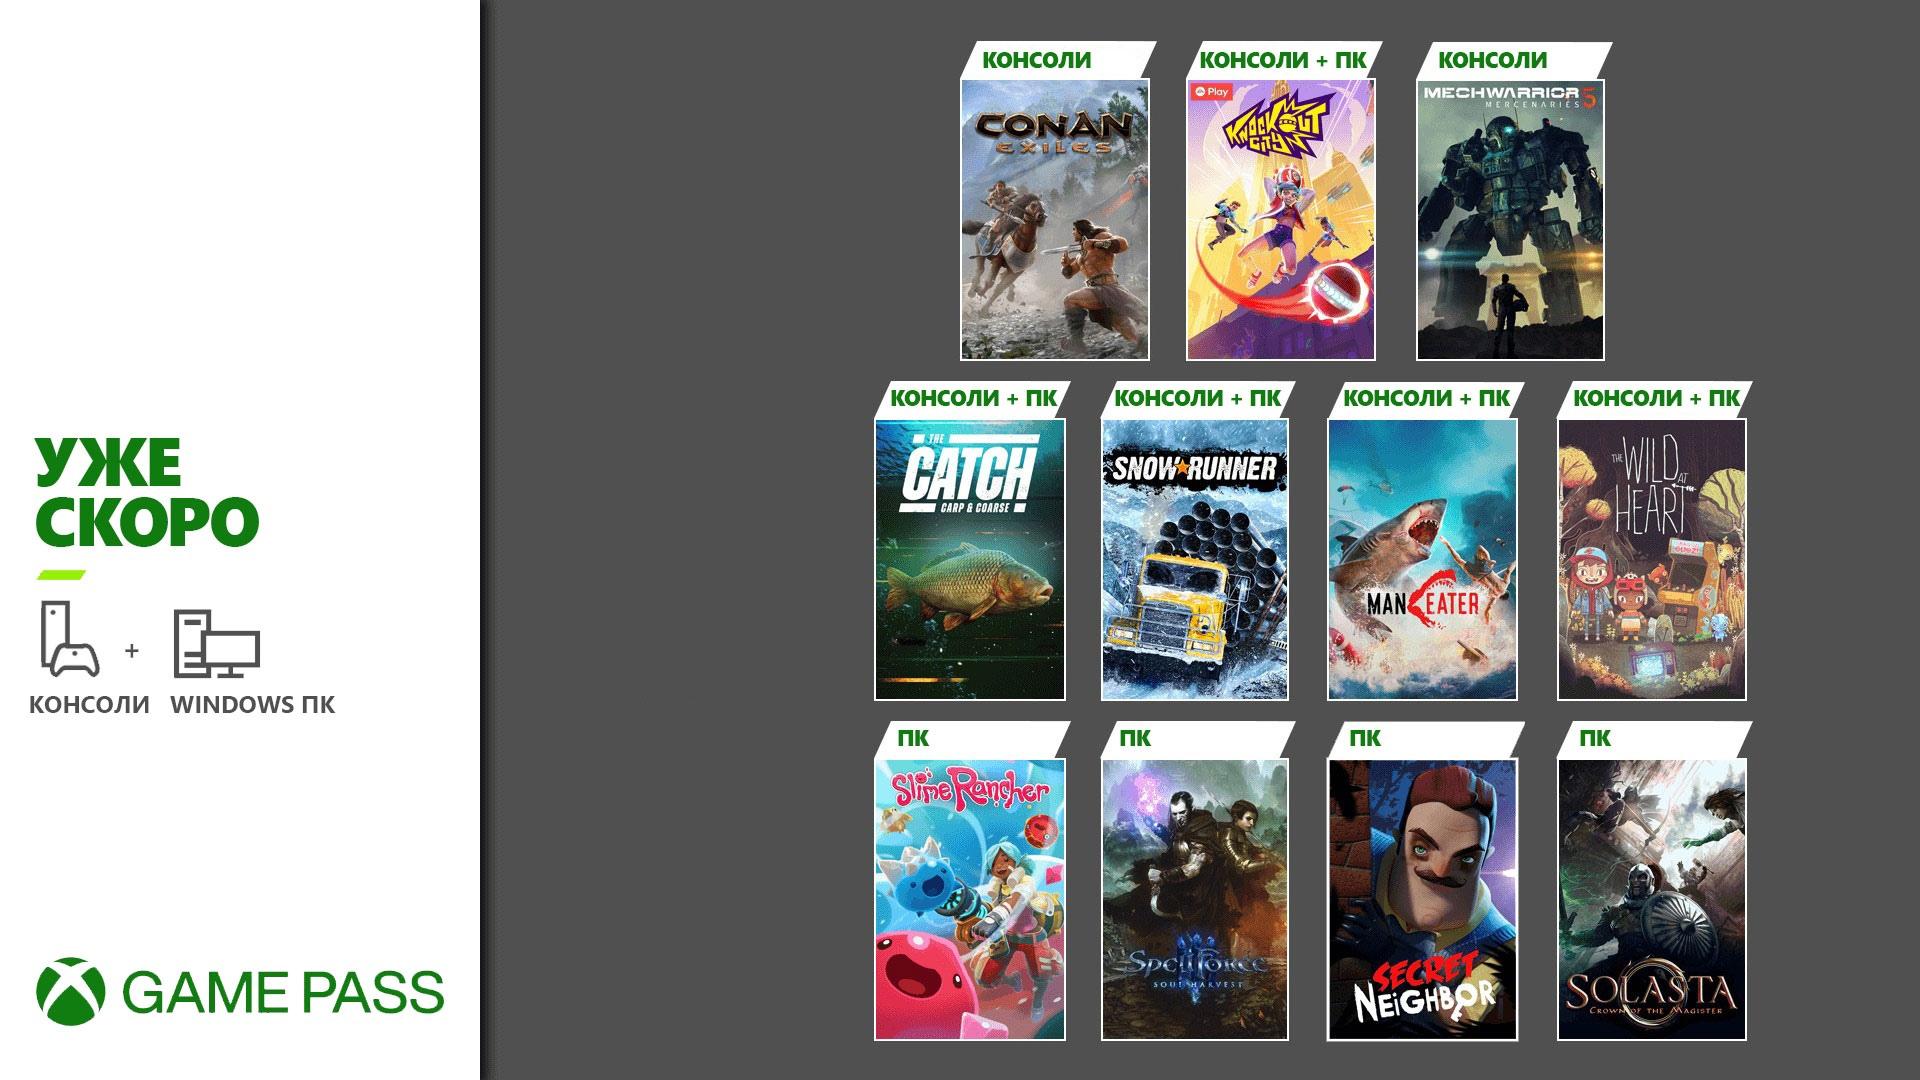 Грядущие игры по подписке Xbox Game Pass